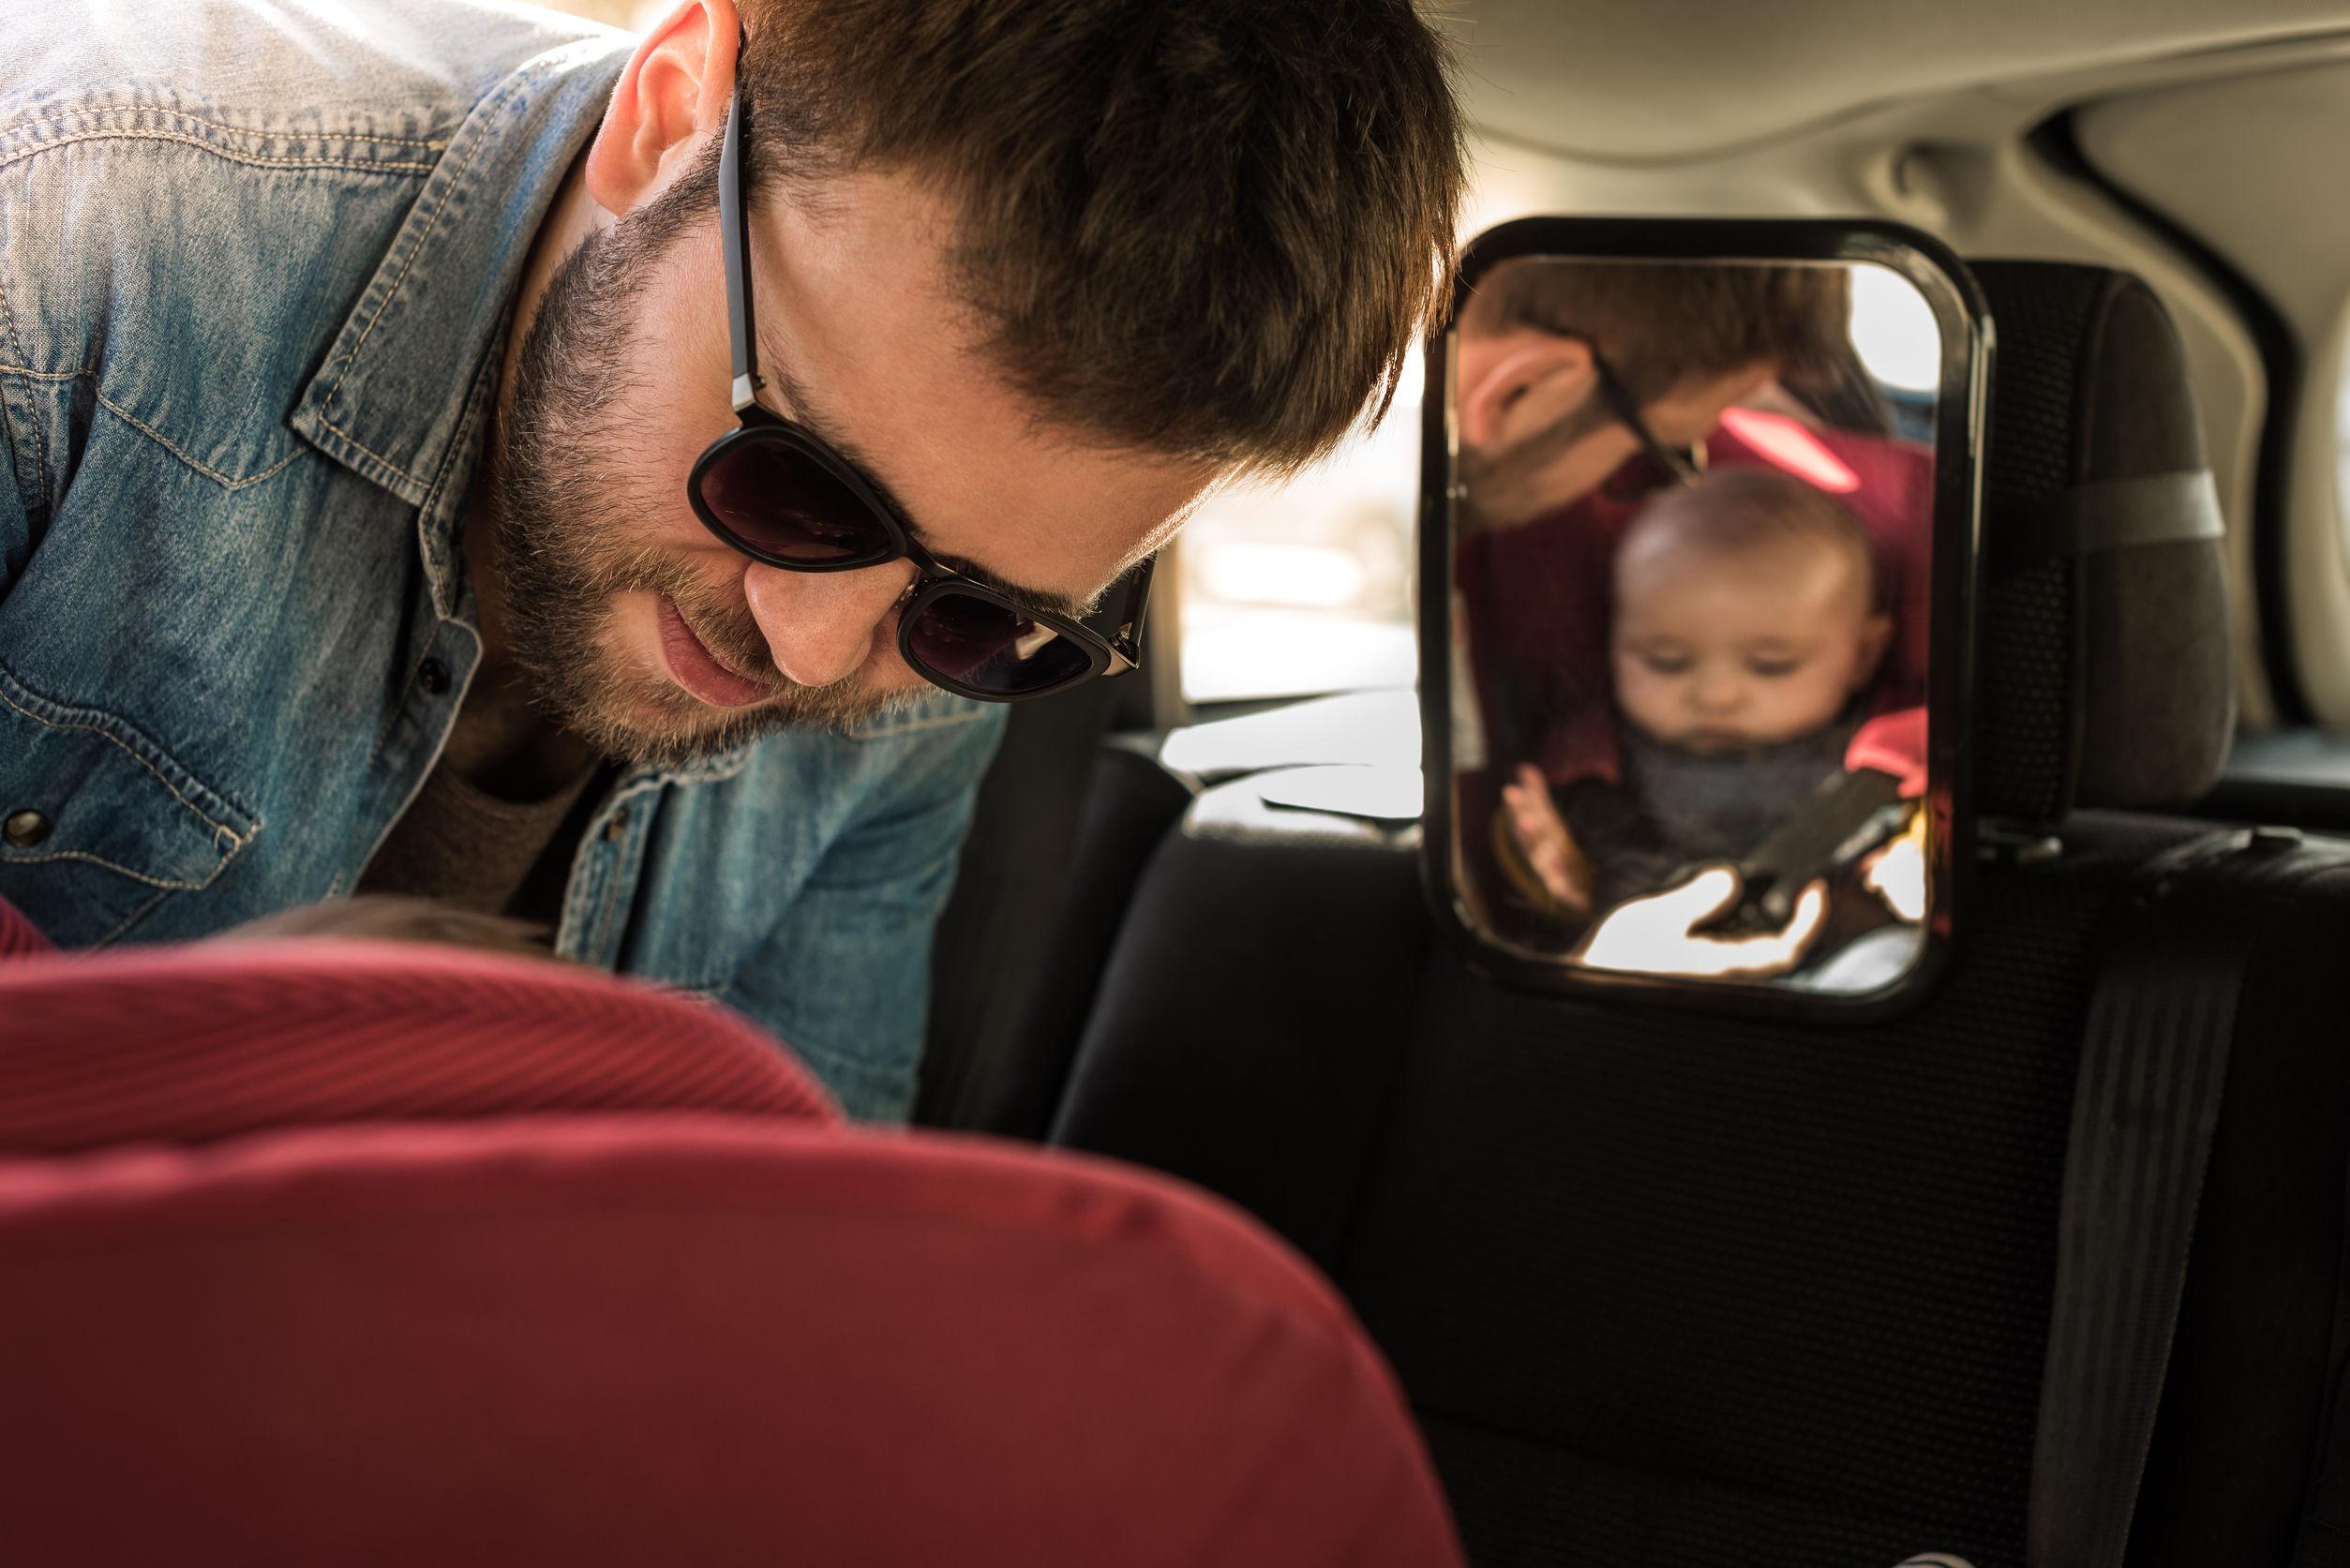 ajustando a cadeira de bebê